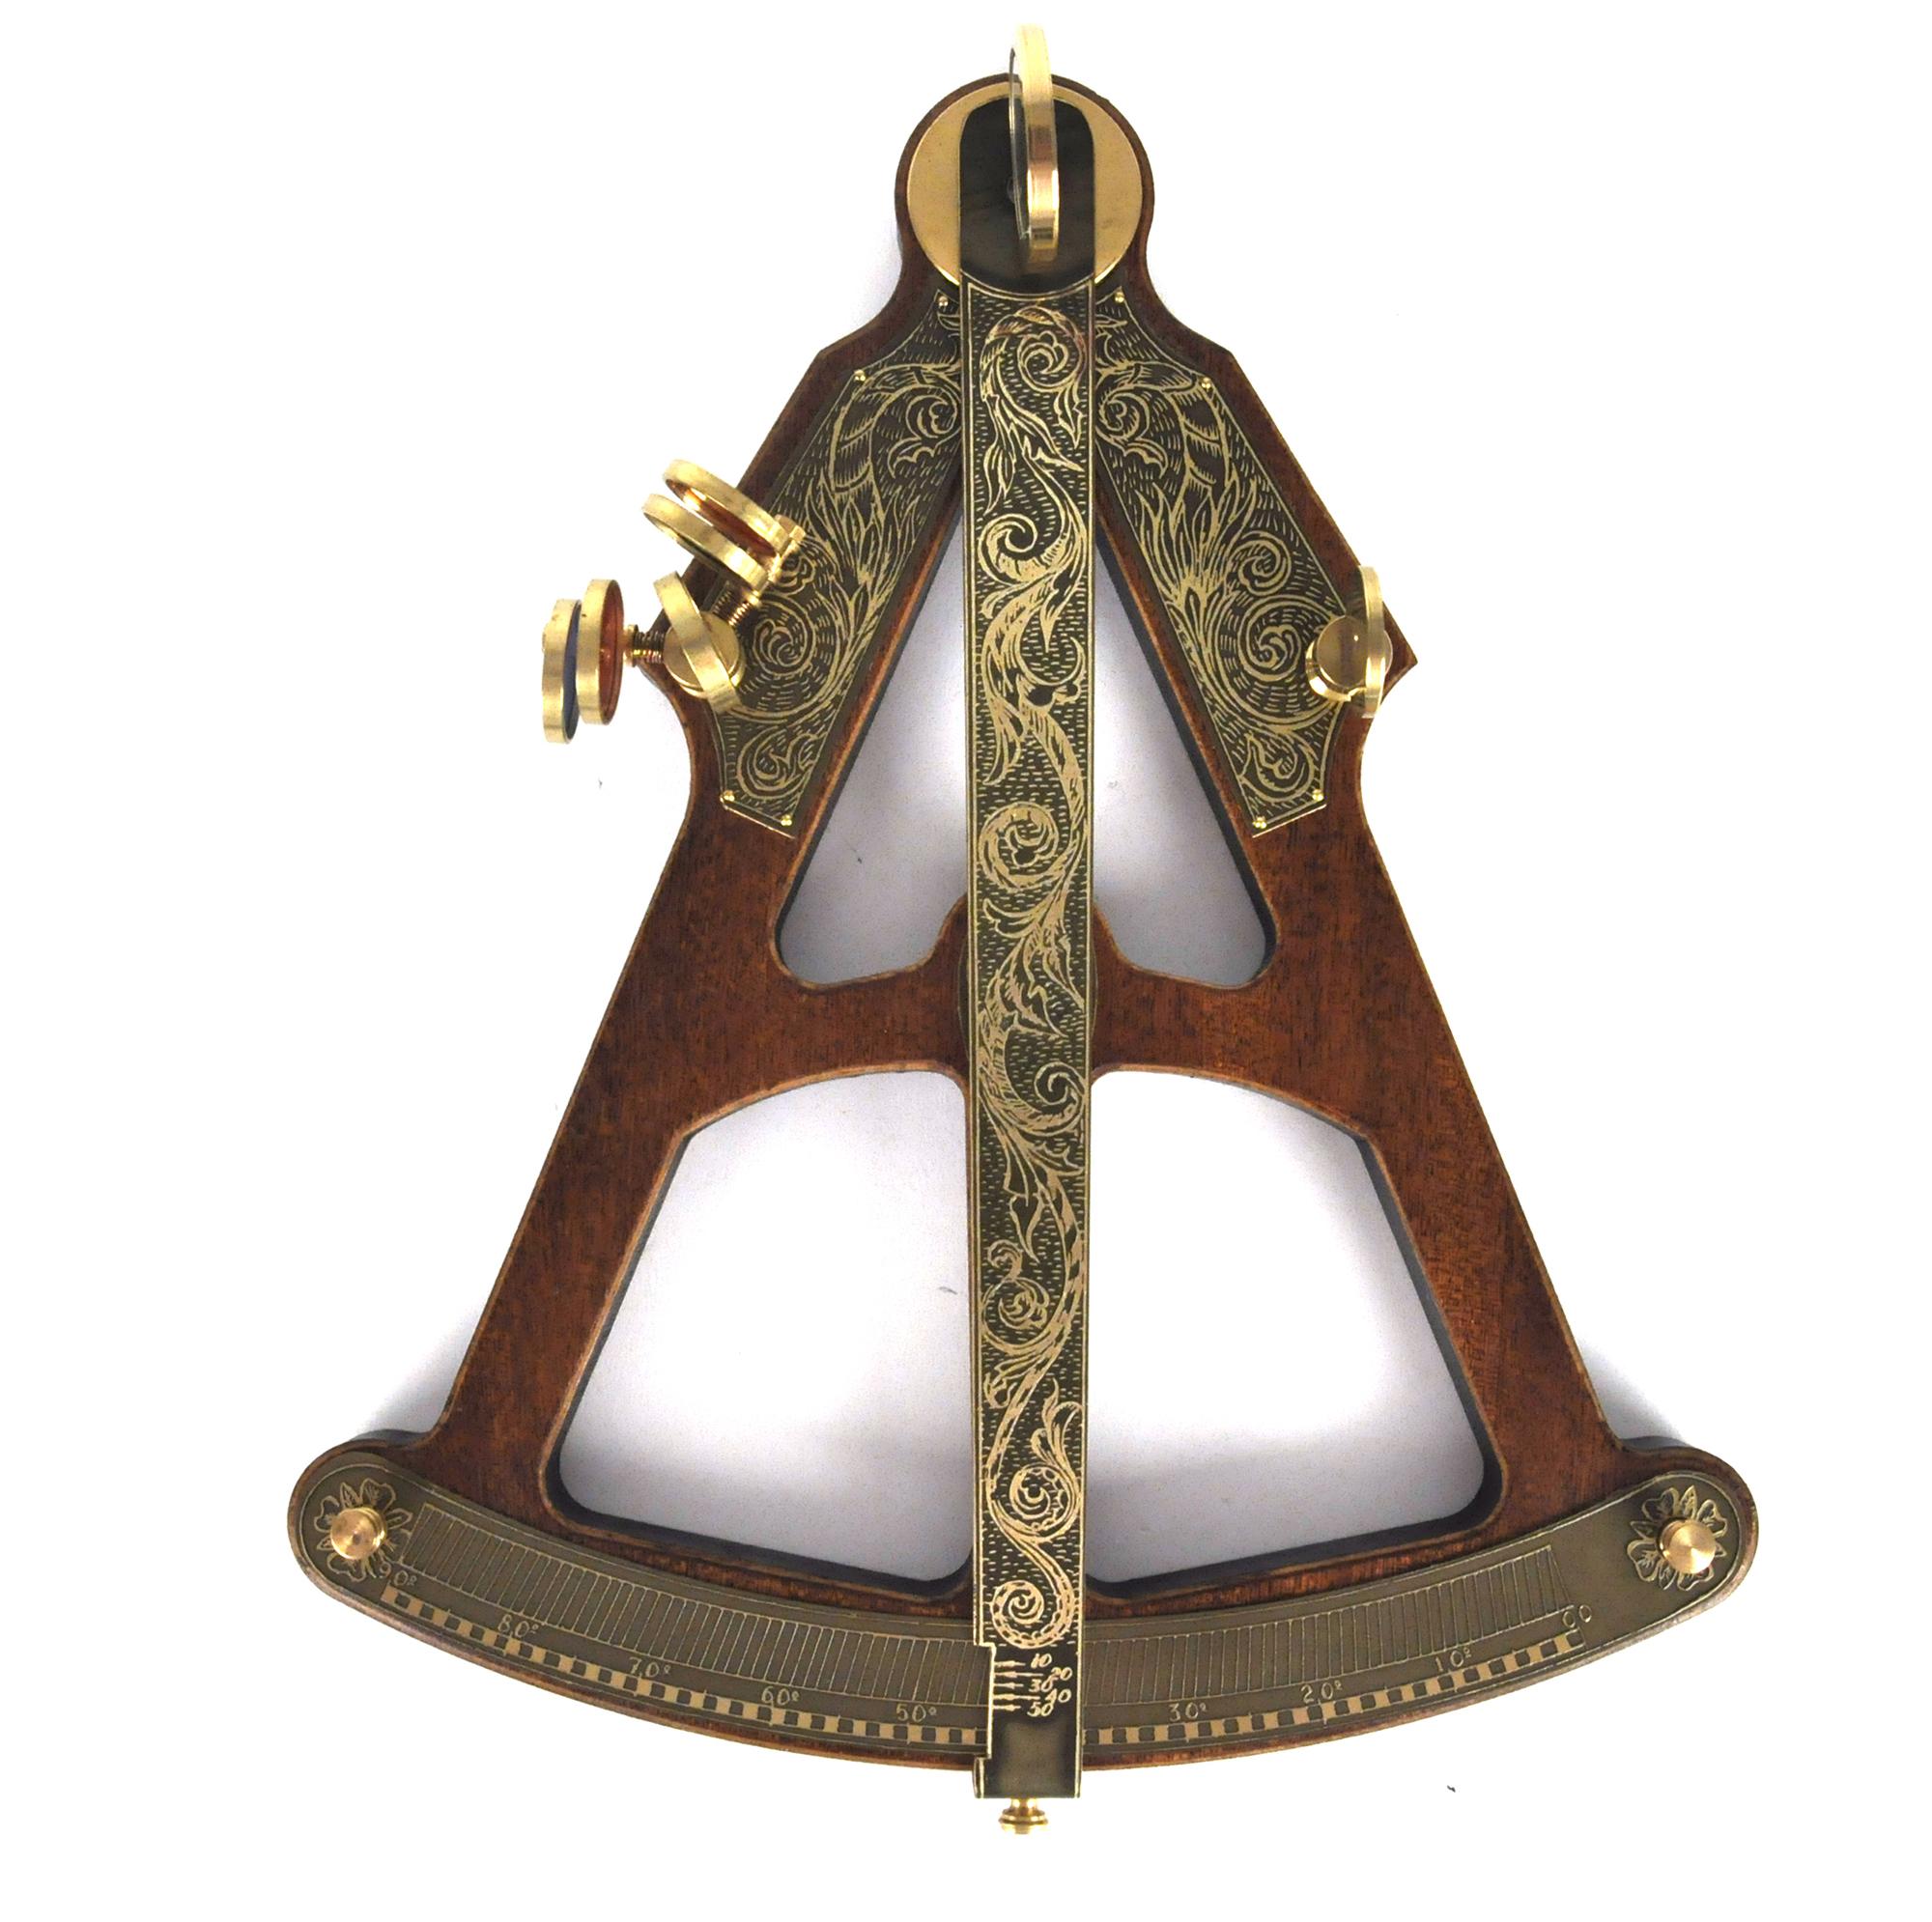 Antique Science Instruments : Sextant hemispherium replica antique scientific